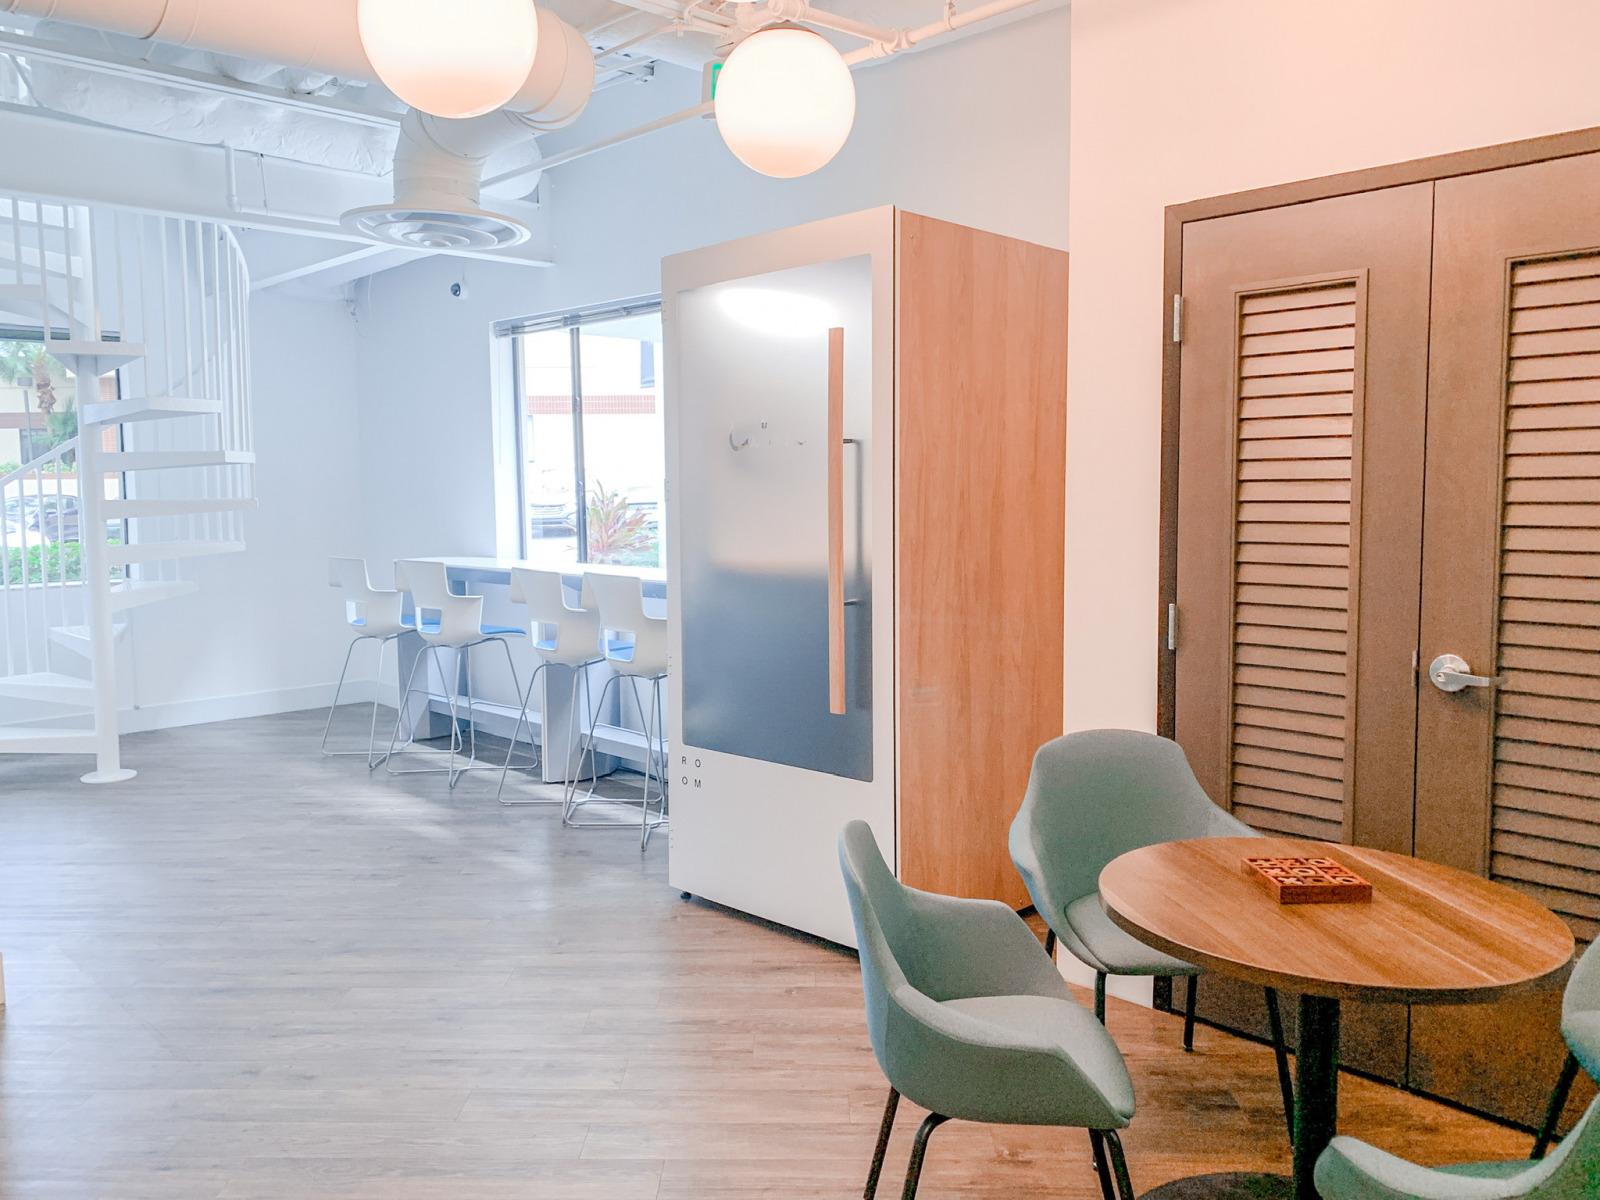 northwood_open-workspaces-6